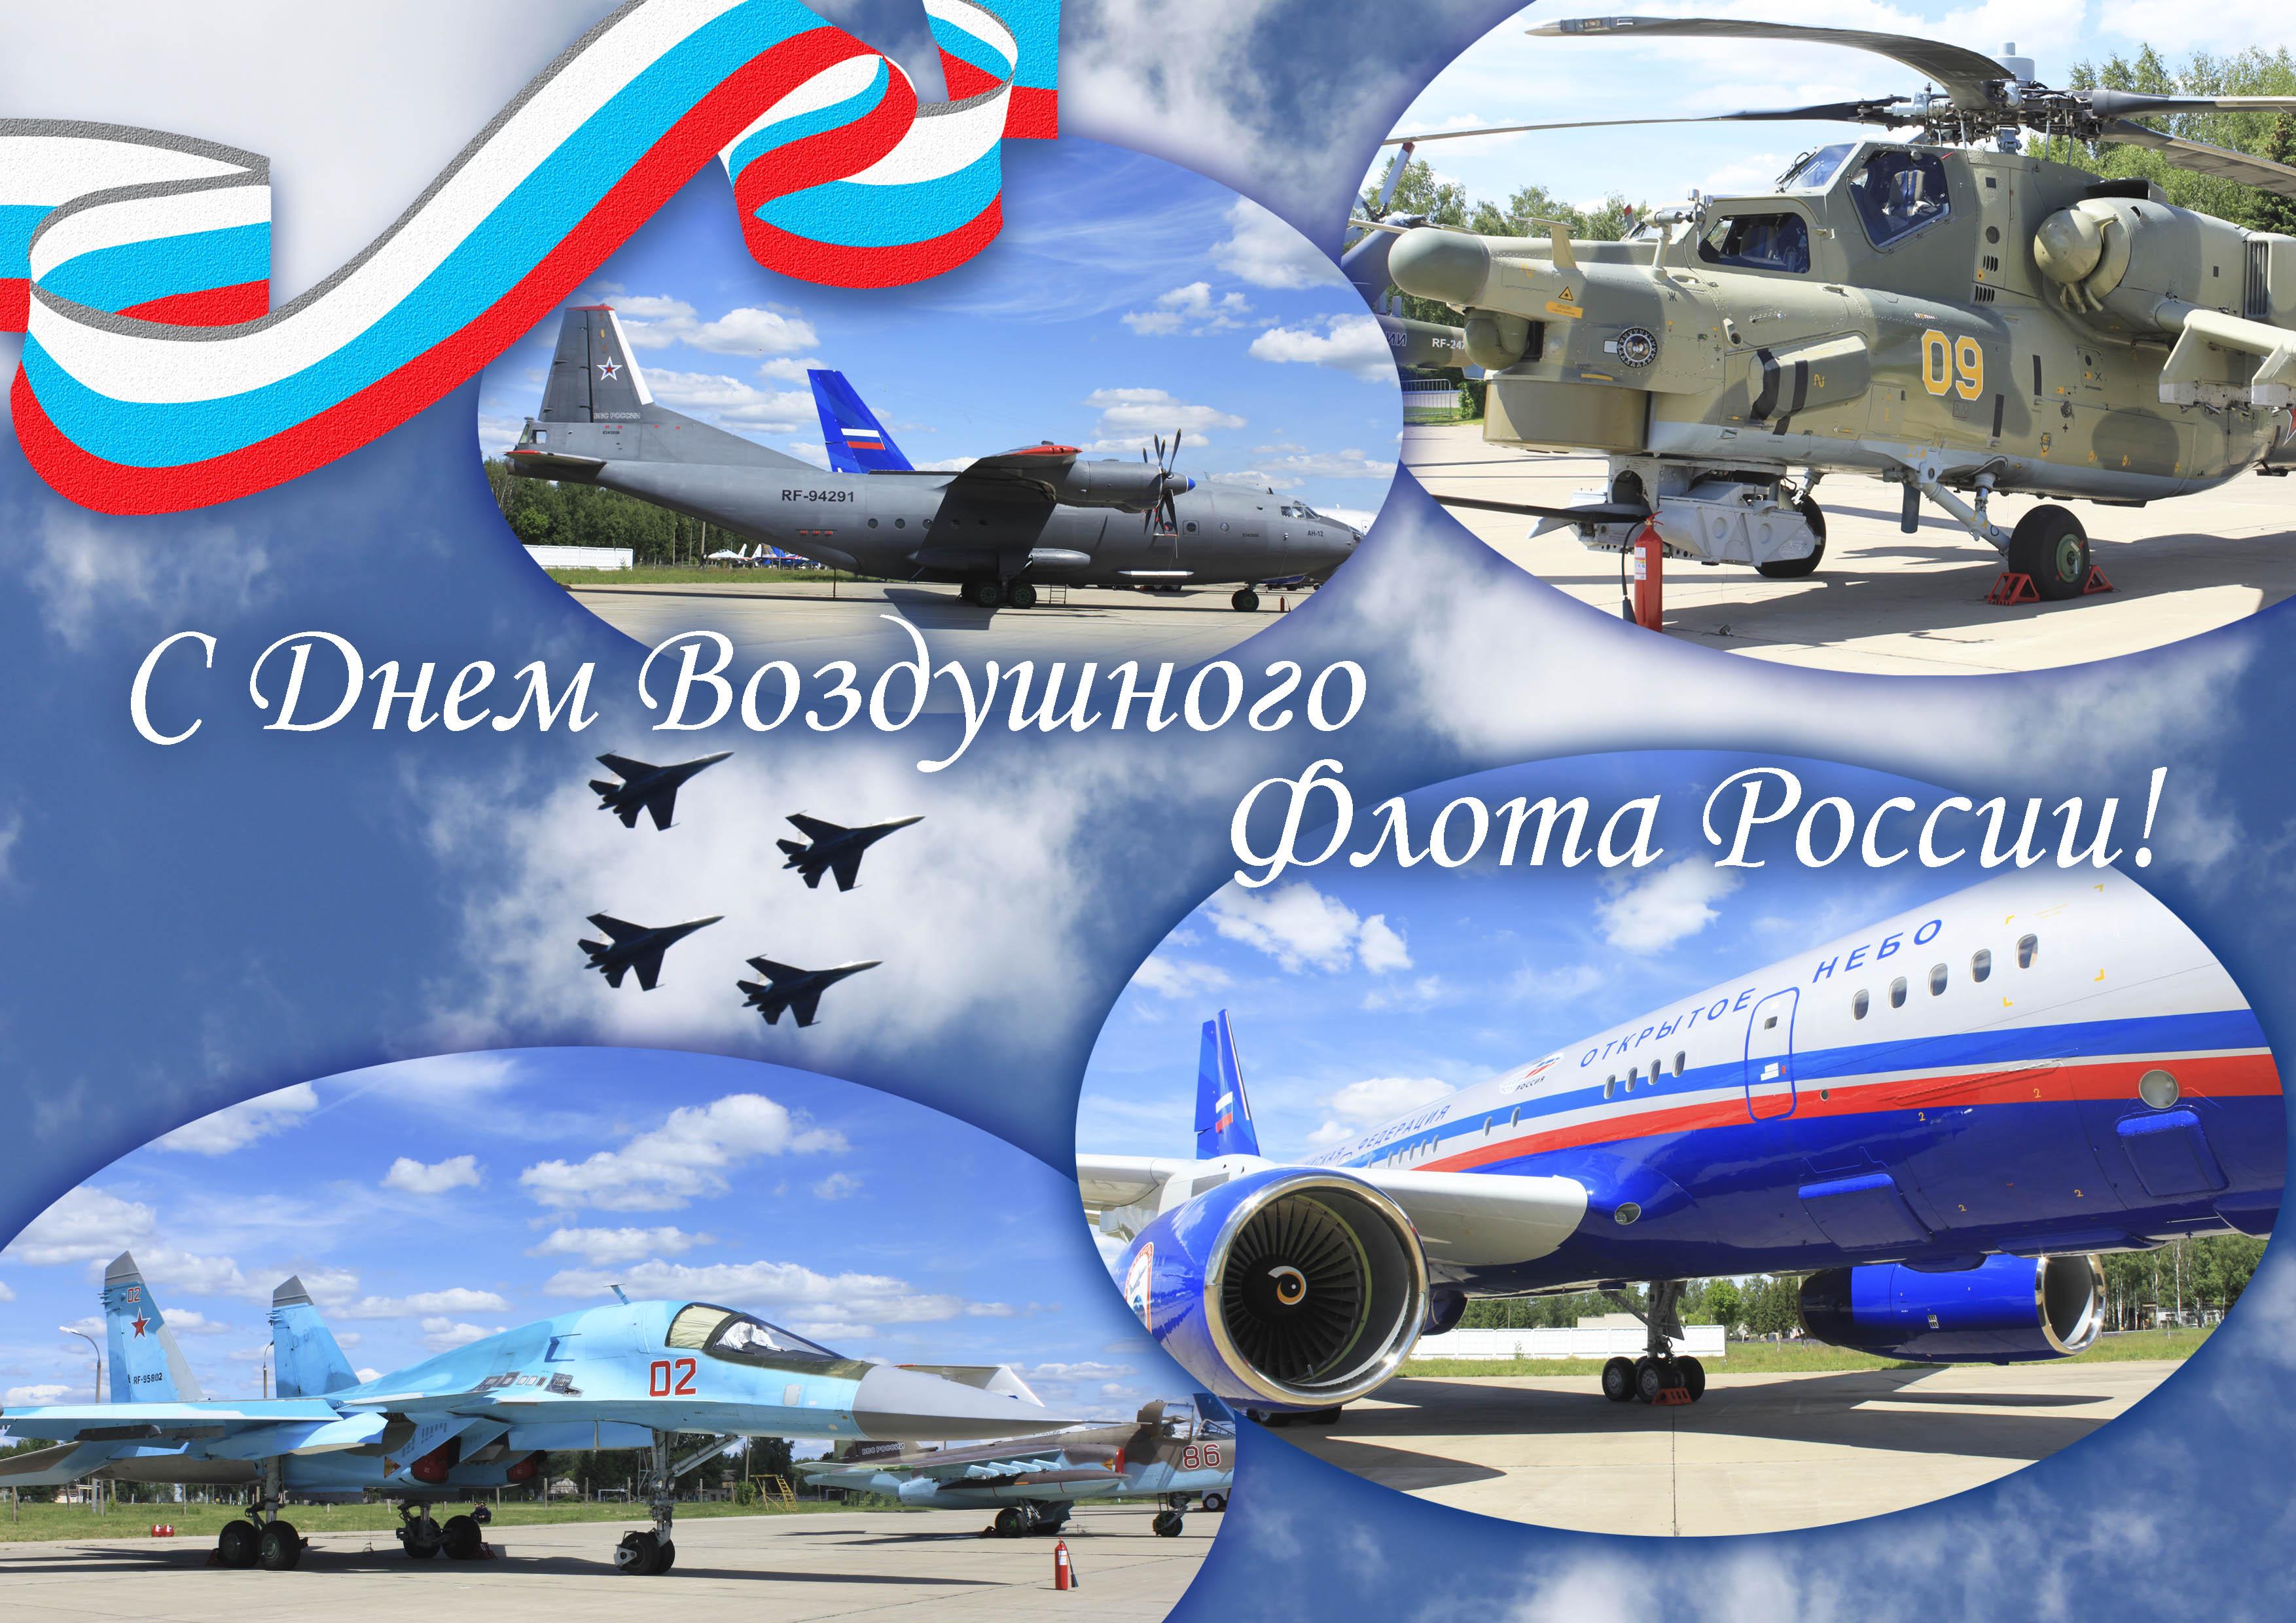 Открытки день воздушного флота россии